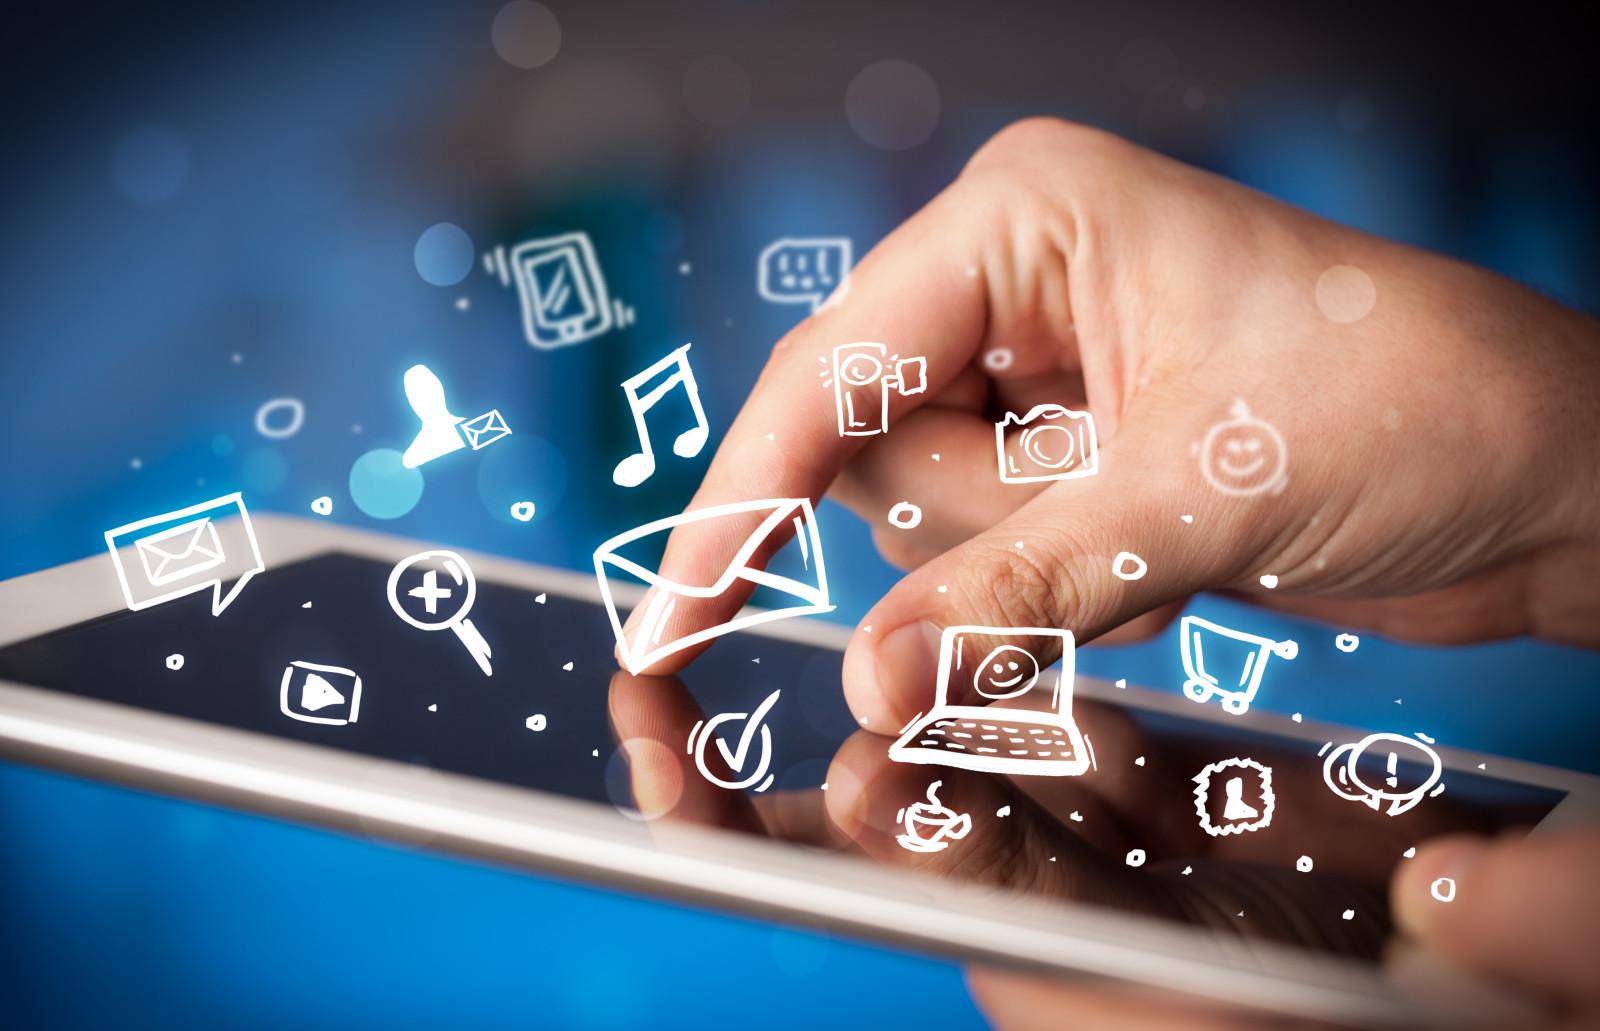 Fond d'écran : téléphone intelligent, marque, tablette, Icônes, main, doigt, capture d'écran ...